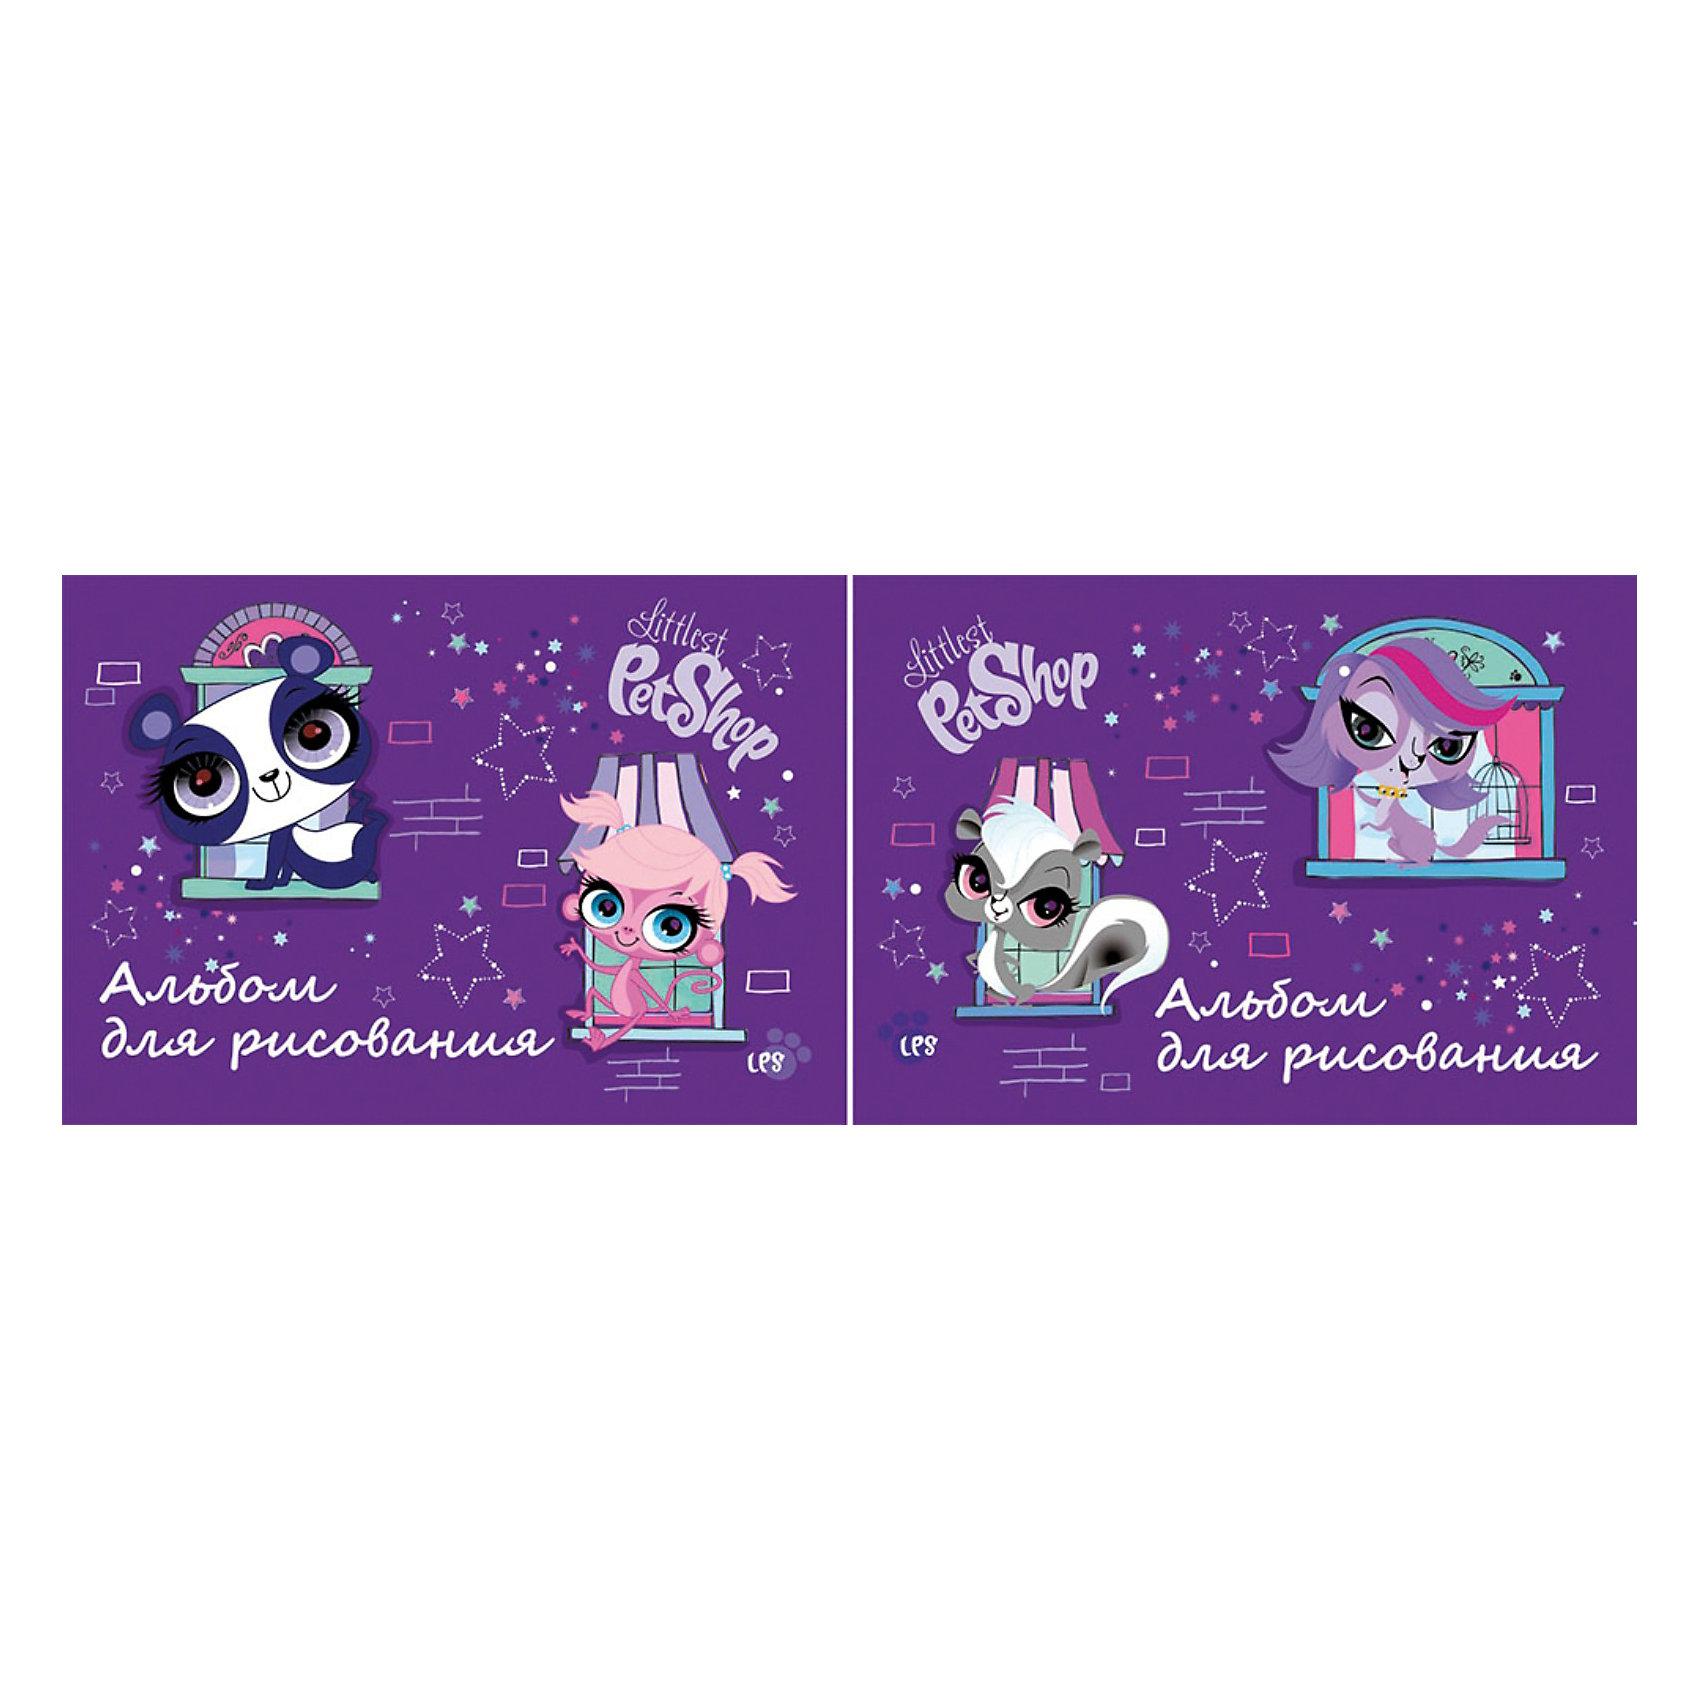 Альбом для рисования, 20 листов, Littlest Pet ShopБумажная продукция<br>Альбом для рисования, 20 листов, Littlest Pet Shop (Литлест Пет Шоп) - прекрасный подарок для раскрытия творческого потенциала. Рисование - это прекрасный досуг, который способствует развитию воображения,  восприятия,  мышления, логики,  мелкой моторики,  усидчивости и понимания формы и цветов.<br><br><br>Дополнительная информация:<br><br>- Количество листов: 20<br>- Вес: 179 г.<br>- Серия: Littlest Pet Shop (Литлест Пет Шоп)<br>- Размеры: 290 х 205 х 4,44 мм<br><br>Альбом для рисования, 20 листов, Littlest Pet Shop (Литлест Пет Шоп) можно купить в нашем магазине.<br><br>Ширина мм: 4<br>Глубина мм: 290<br>Высота мм: 205<br>Вес г: 179<br>Возраст от месяцев: 48<br>Возраст до месяцев: 84<br>Пол: Женский<br>Возраст: Детский<br>SKU: 3702868